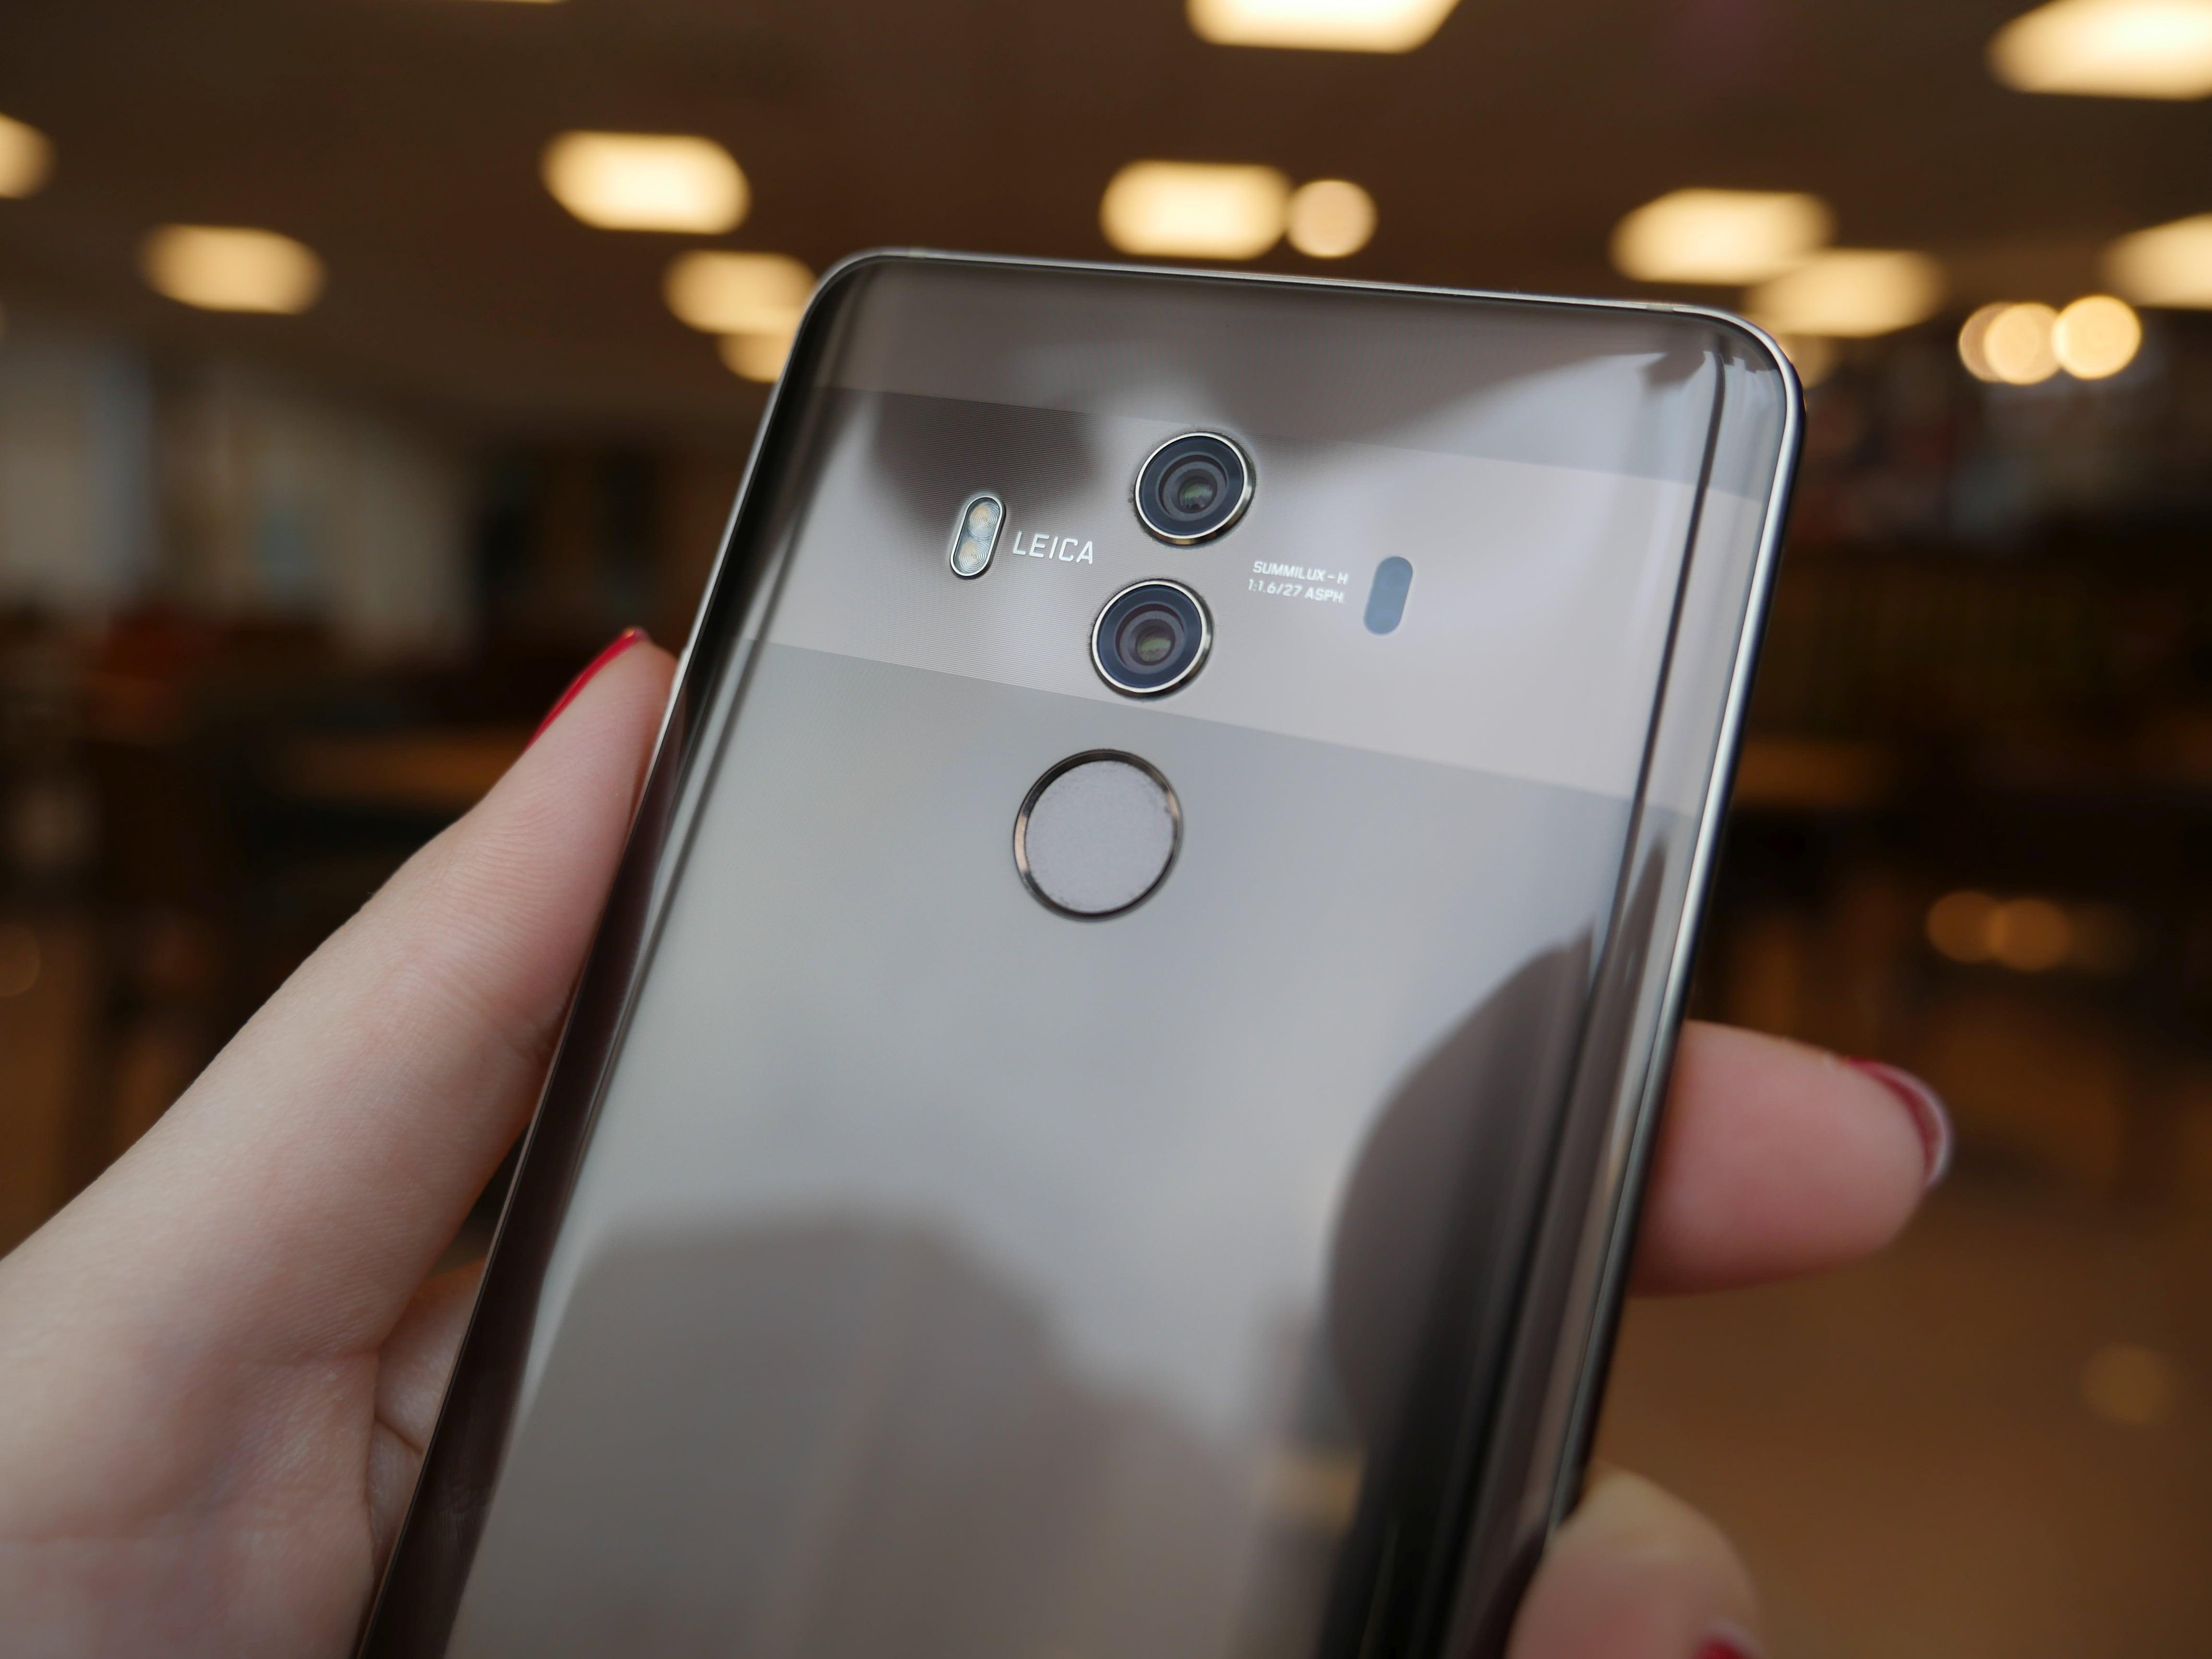 Tabletowo.pl Huawei Mate 10 Pro staniał o 500 złotych, ale bardziej atrakcyjna cena to tylko jeden z argumentów, aby go kupić Android Huawei Nowości Smartfony